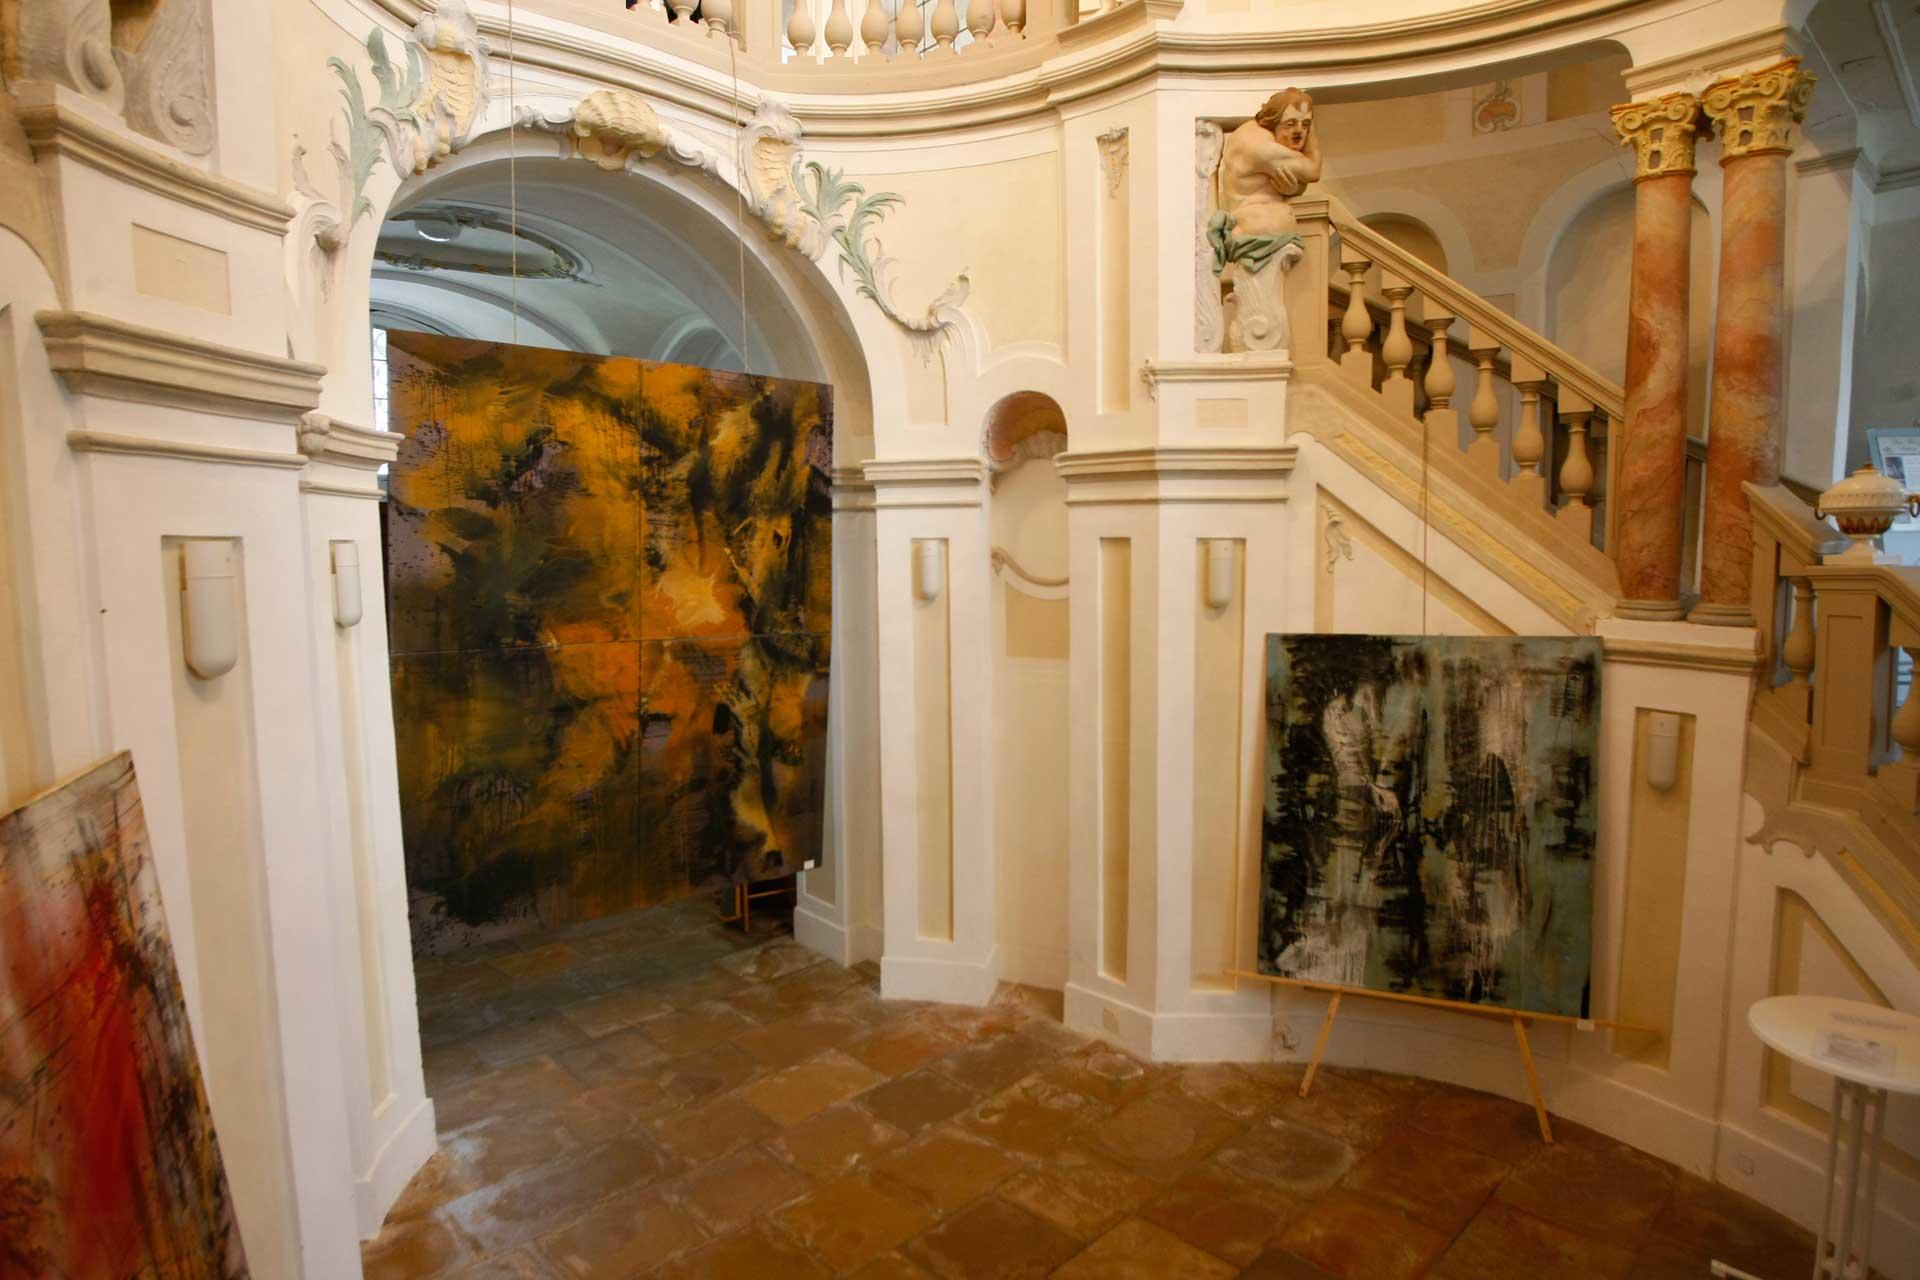 B1-Malerei-Ute-Beatrix-Schraag-Das-Große-Gebet-Malerei-Mischtechnik-auf-Leinwand-300-x-250cm